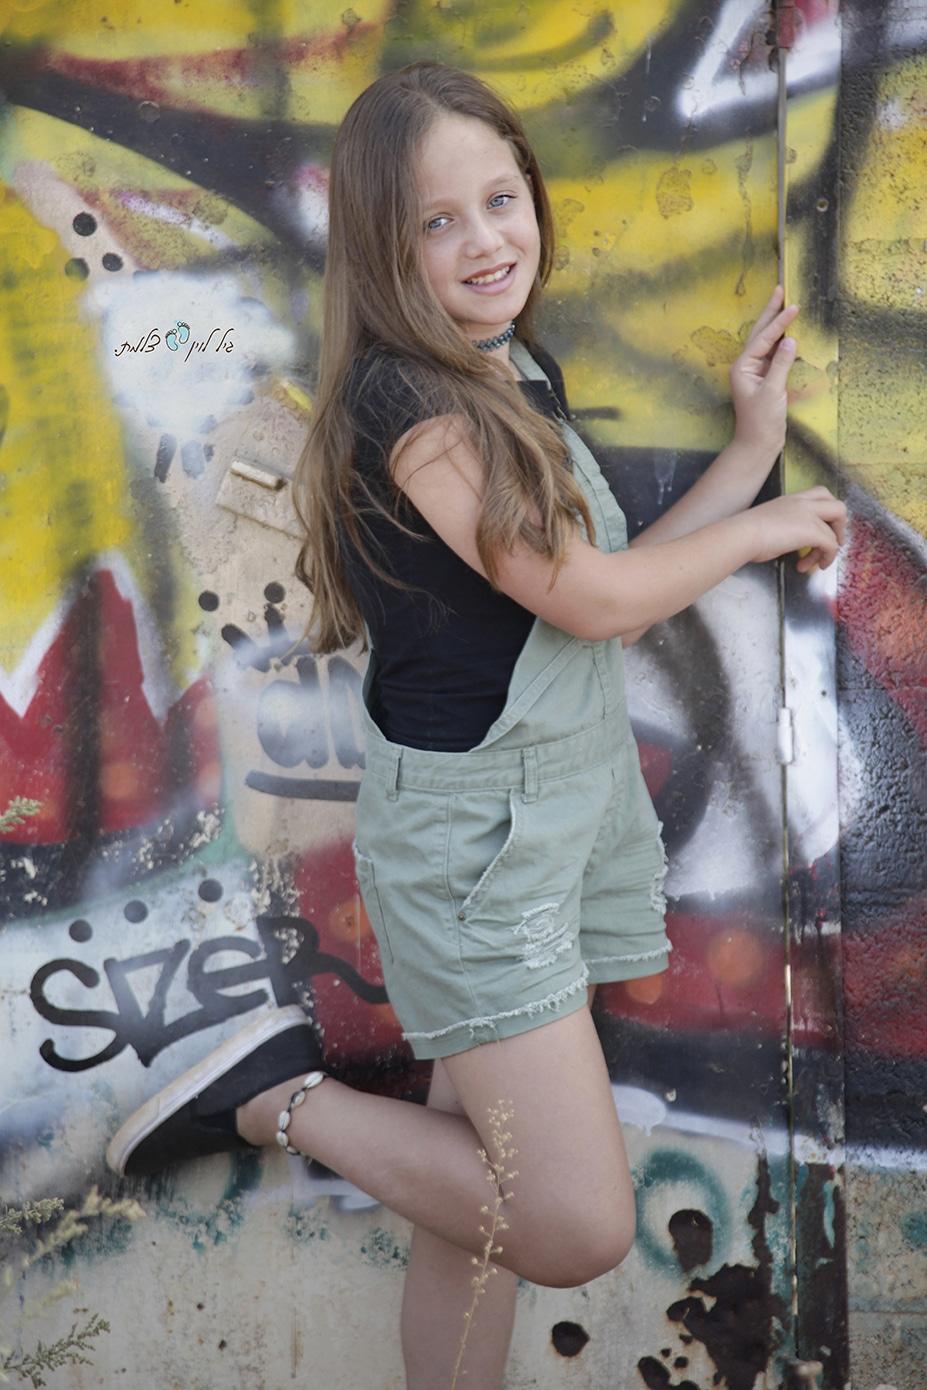 בוק בת מצווה לעמית - סטודיו גיל לוין (5)